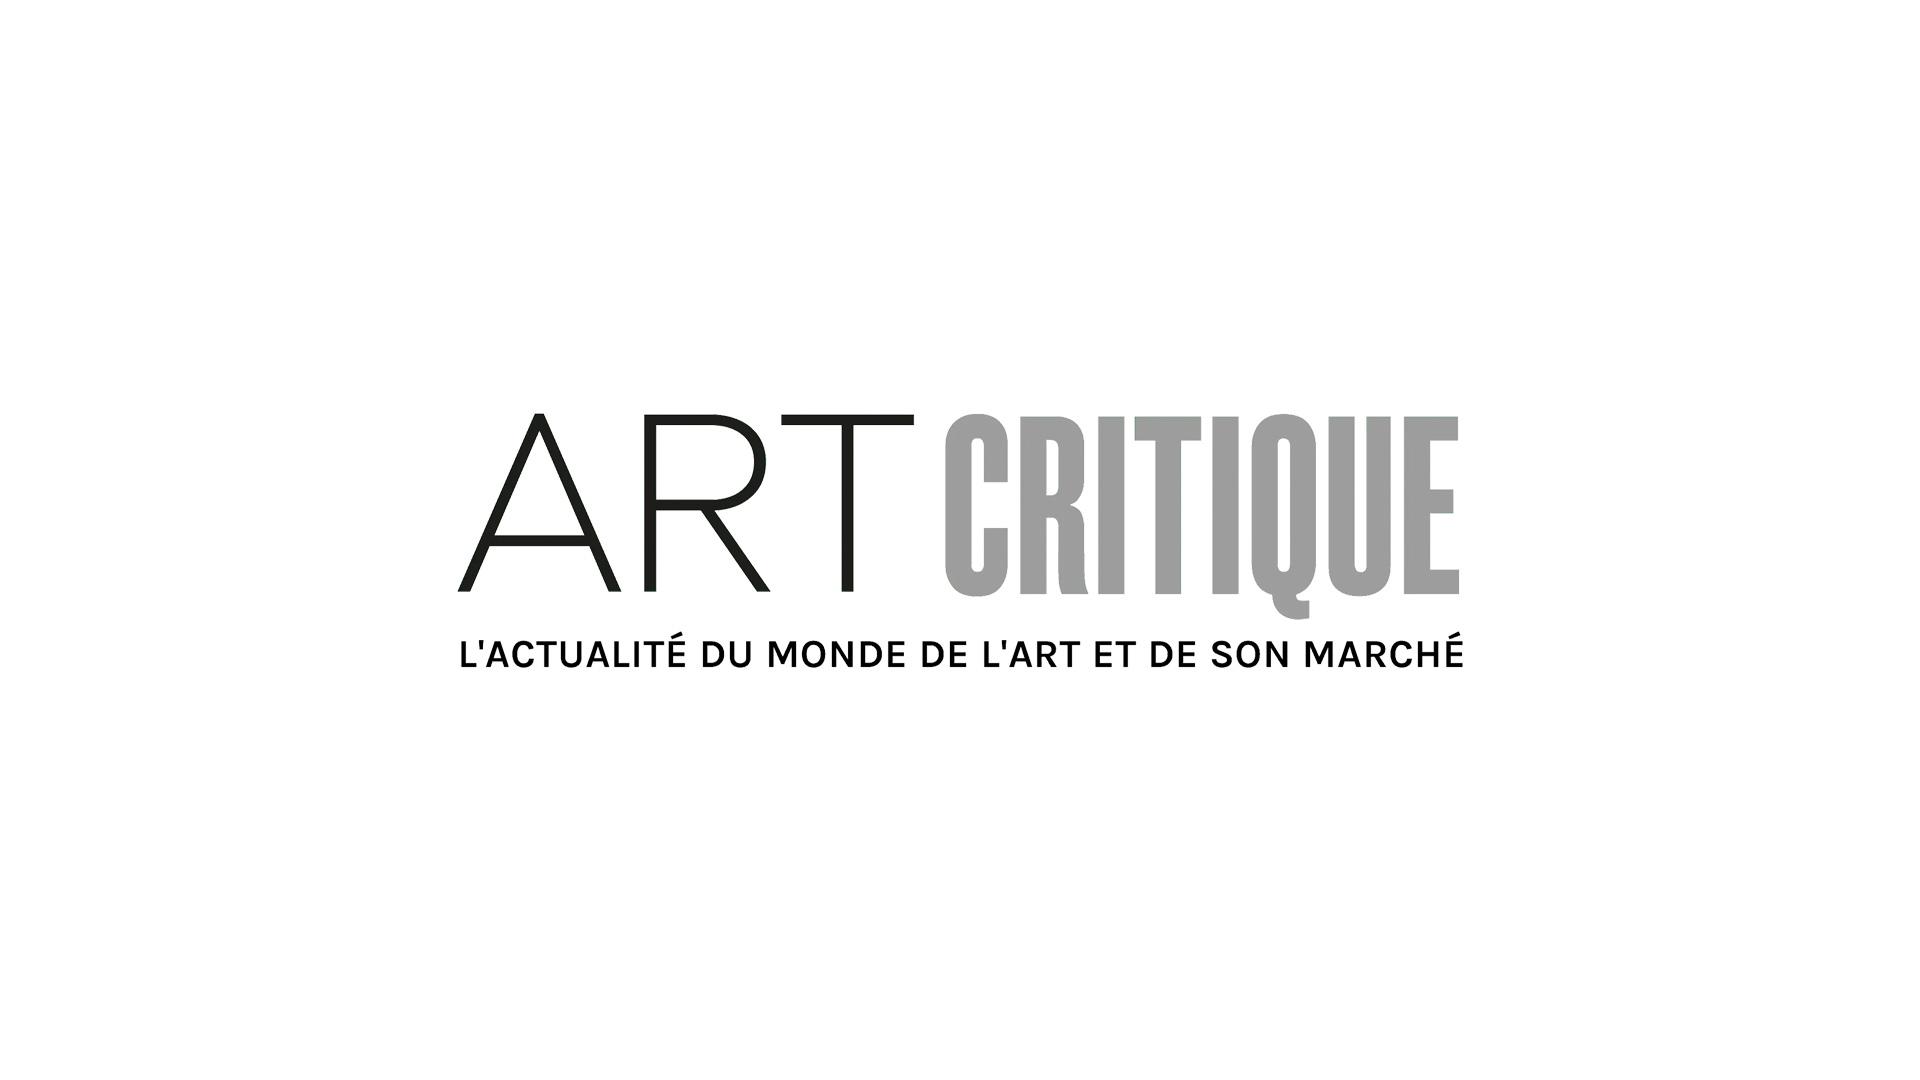 Un livre de référence sur le biomorphisme